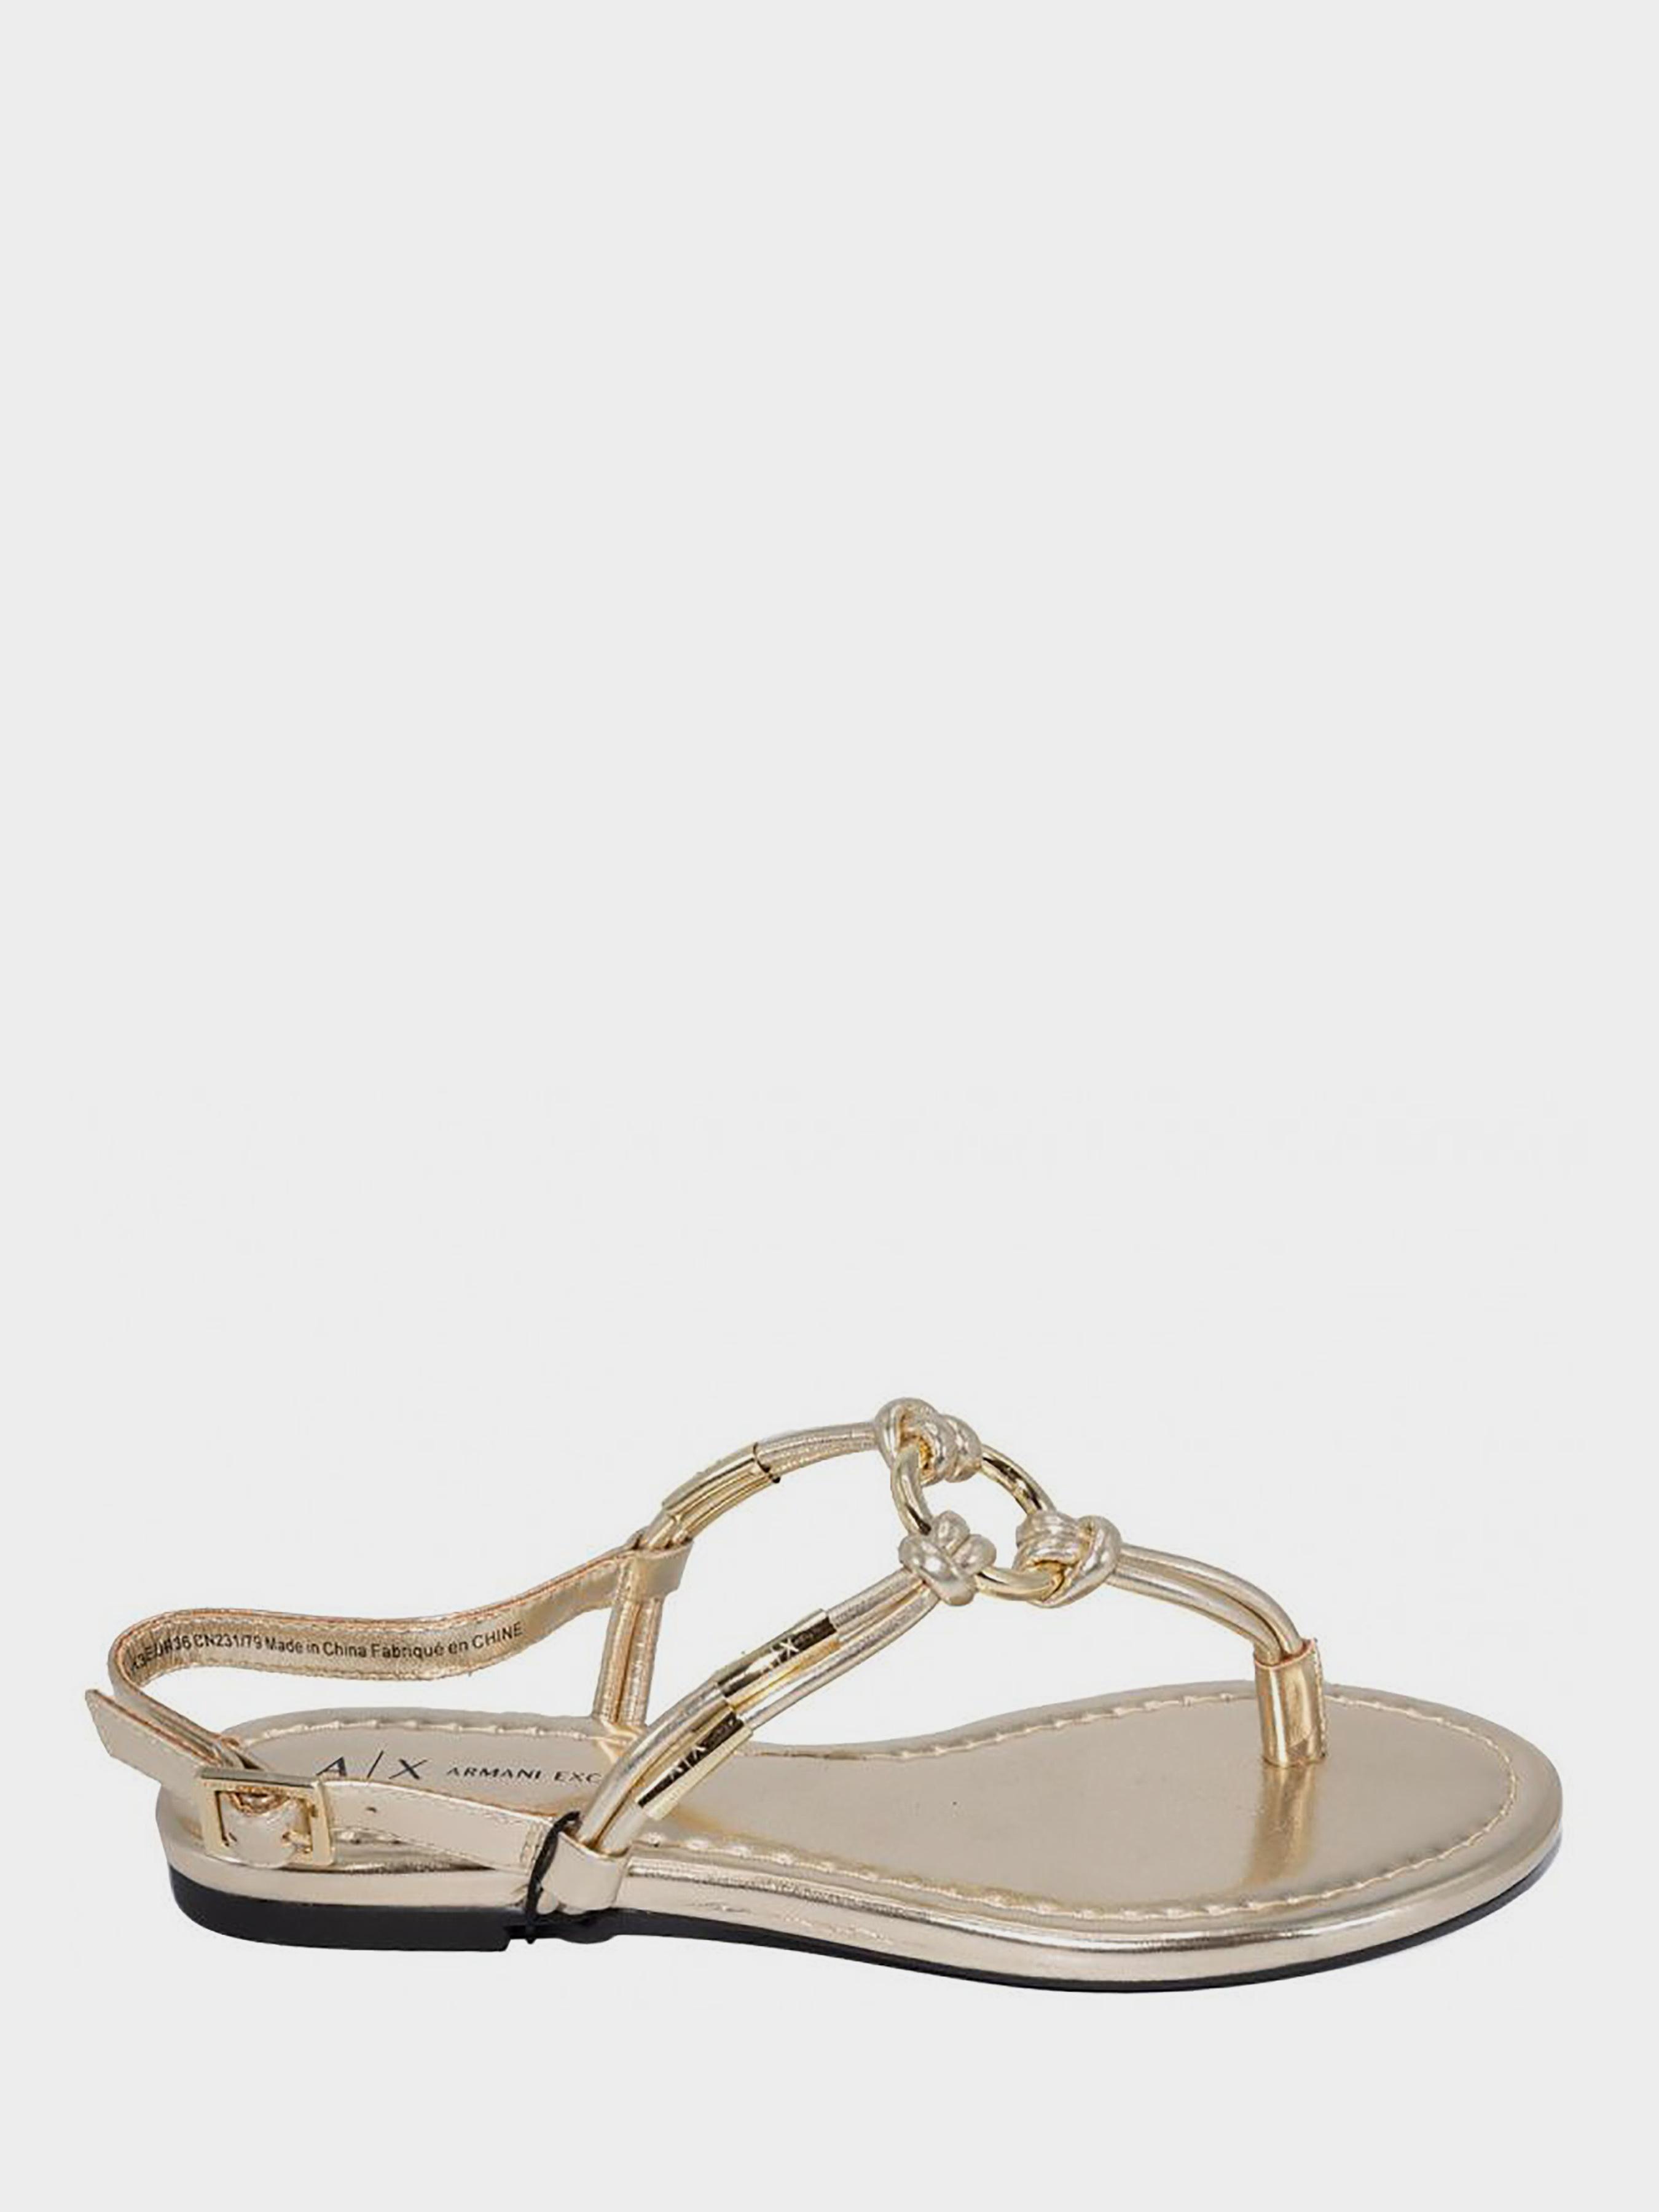 Сандалии для женщин Armani Exchange SANDAL PU CALF WD93 модная обувь, 2017